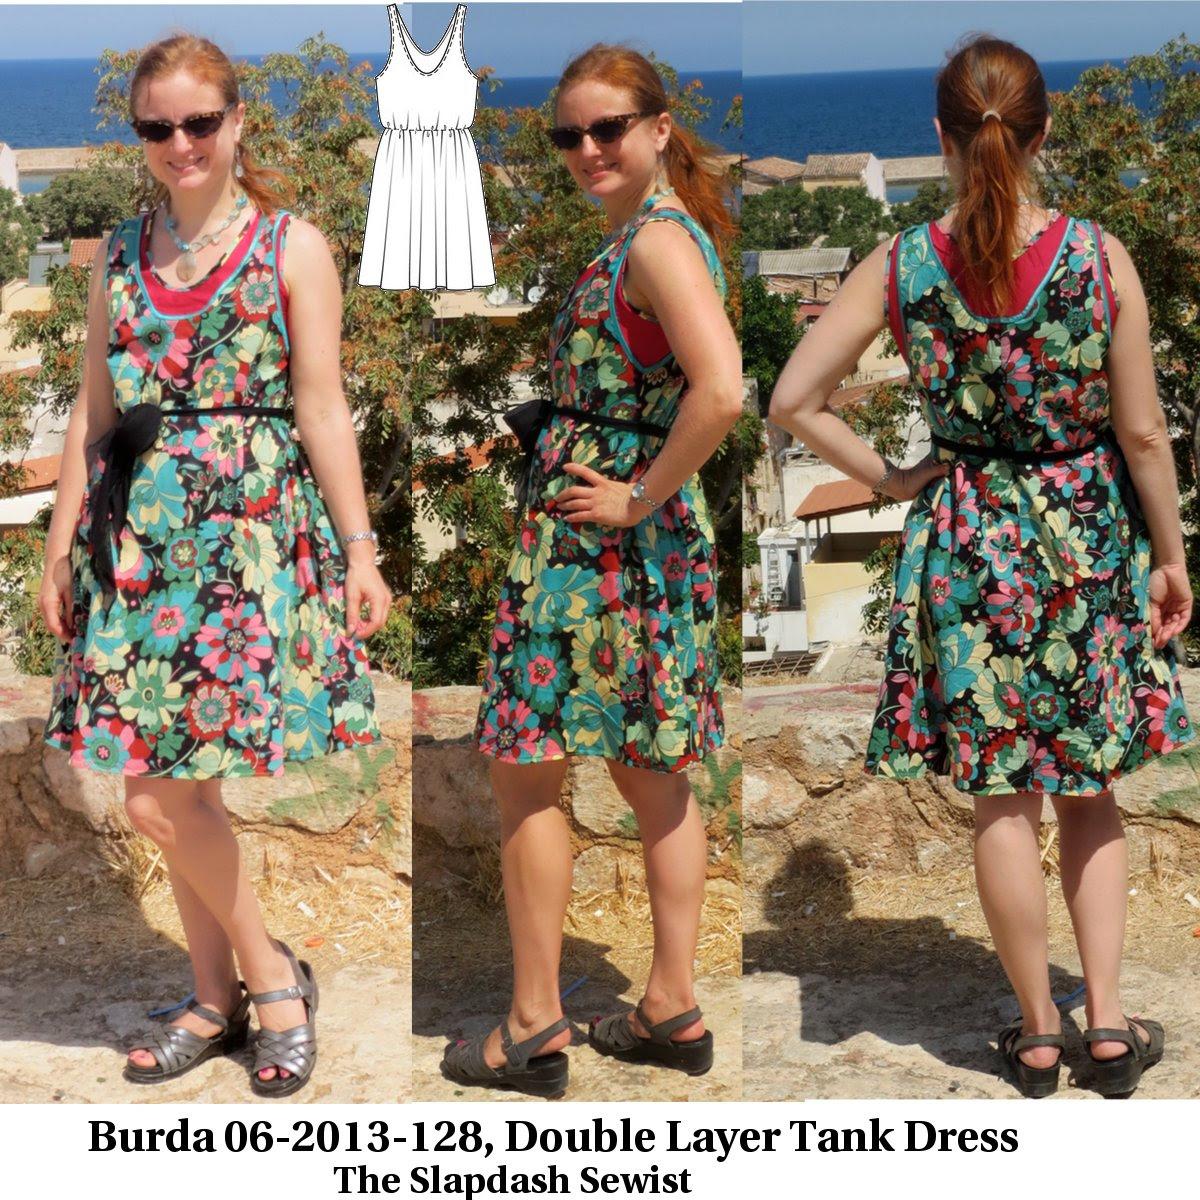 Burda 06-2013-128 Thumbnail